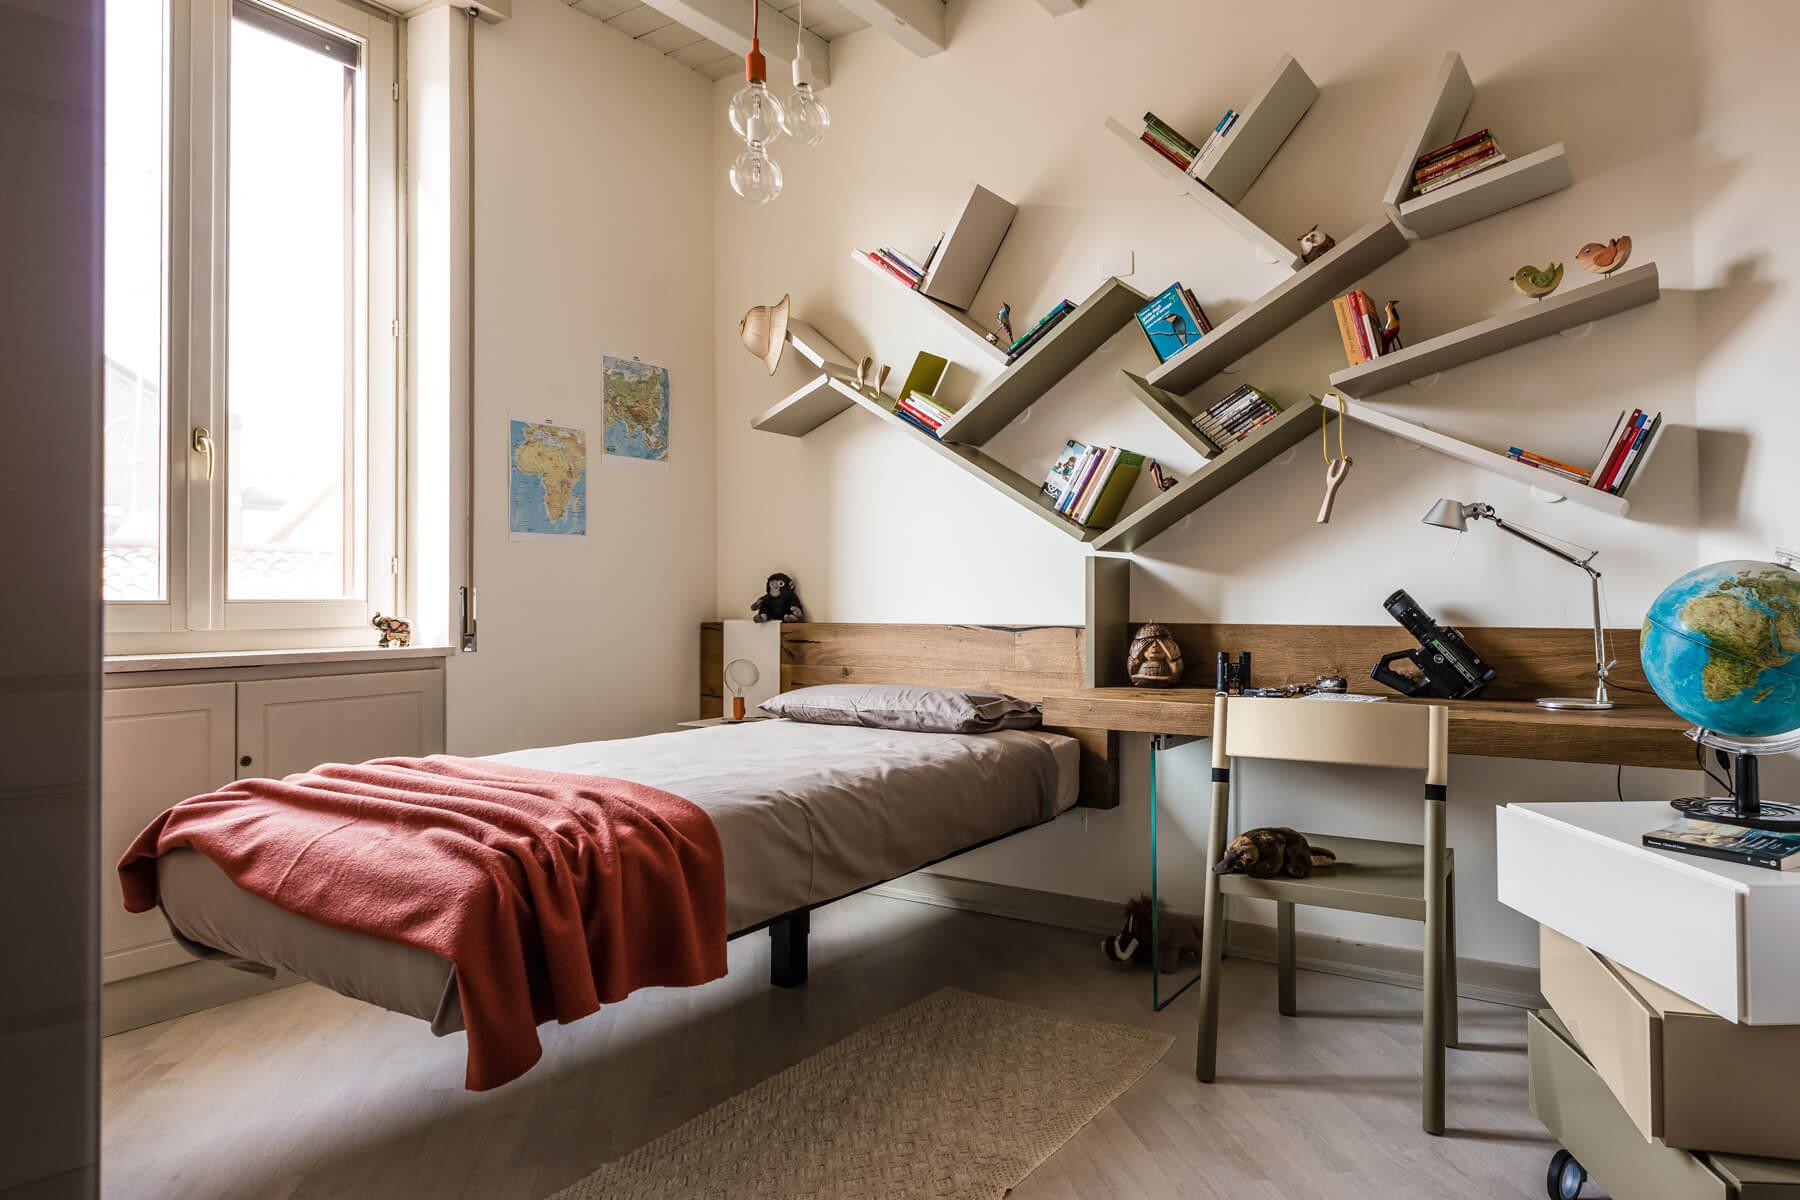 letto-sospeso-singolo-cameretta-di-design